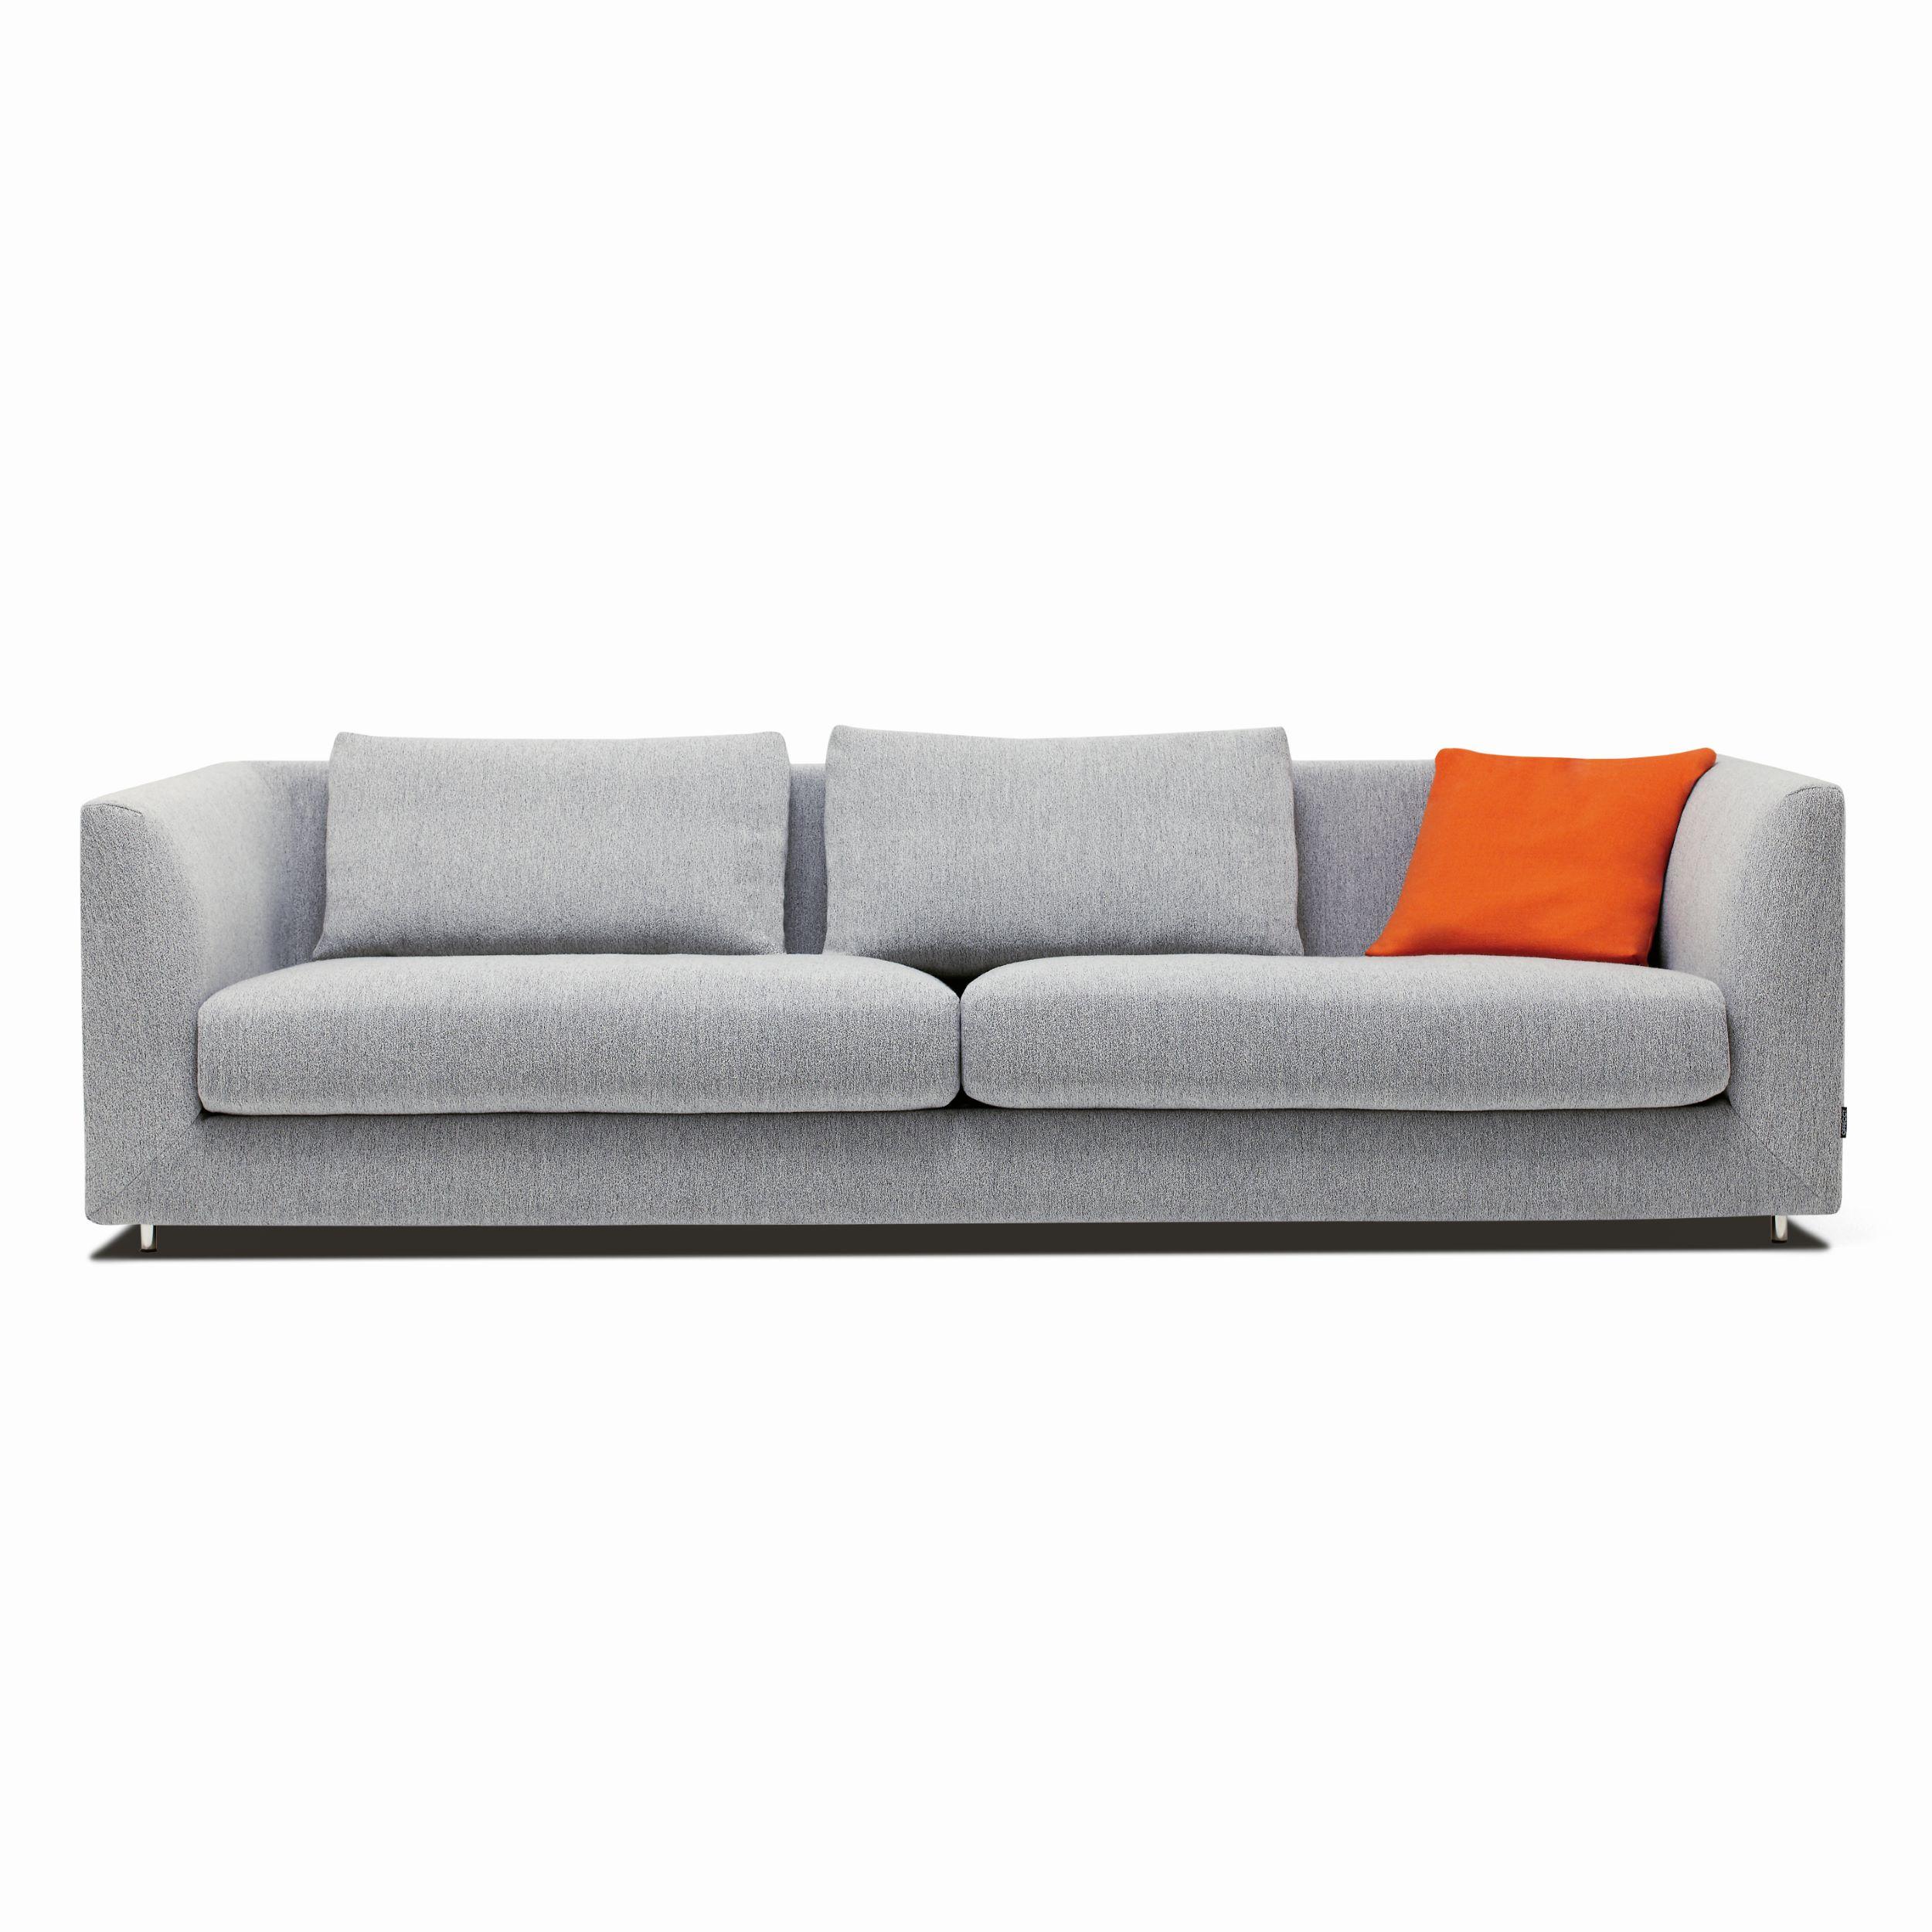 Sofas | Offecct